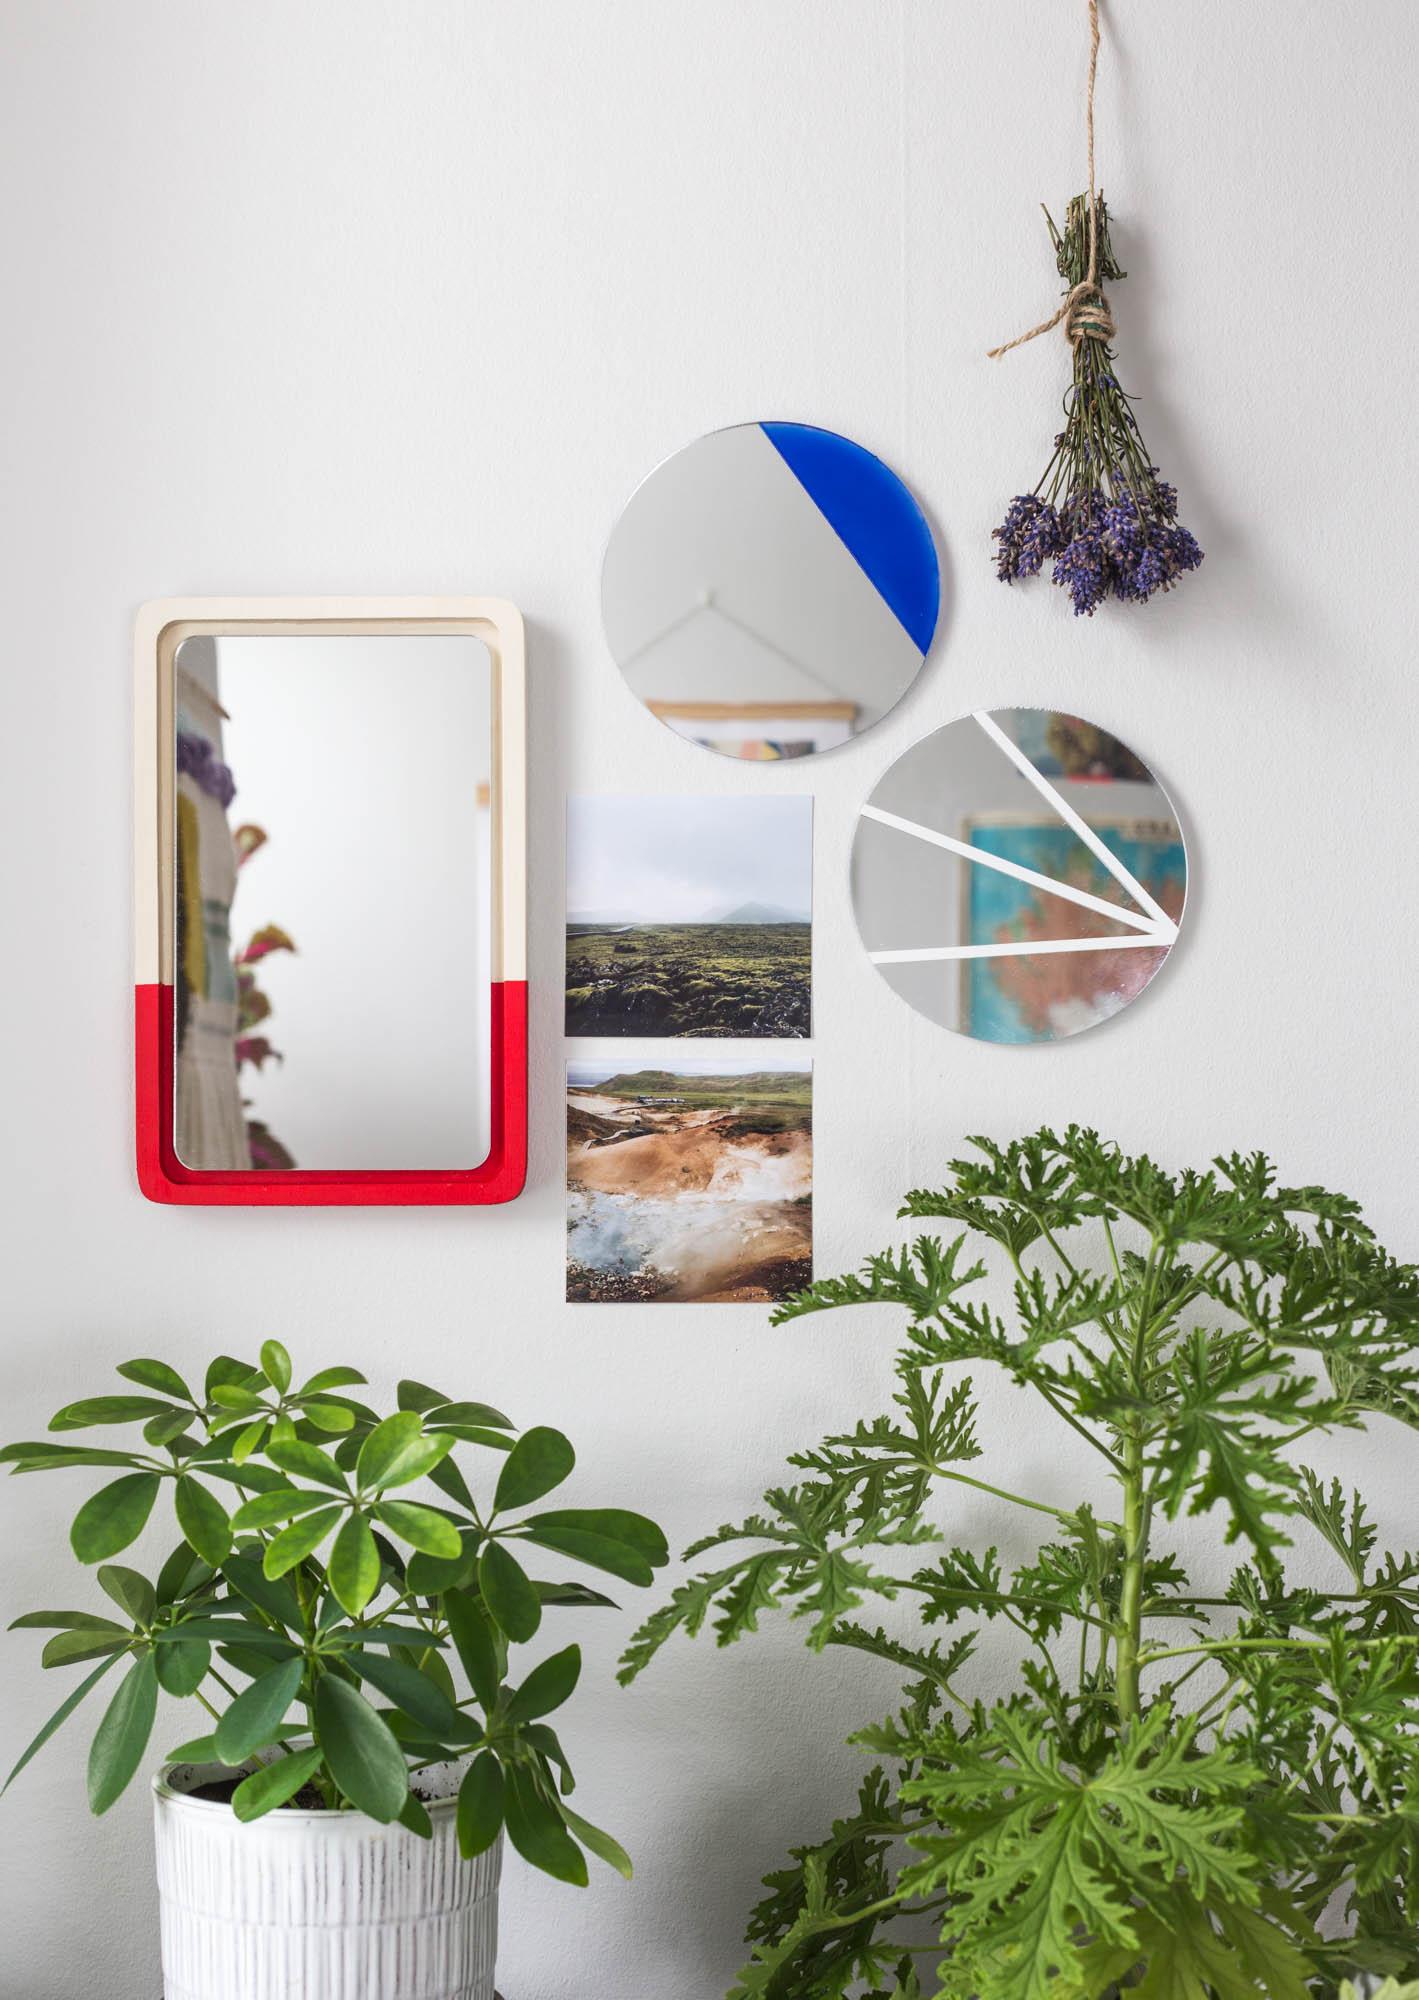 DIY väggspegel x3 | Dnilva